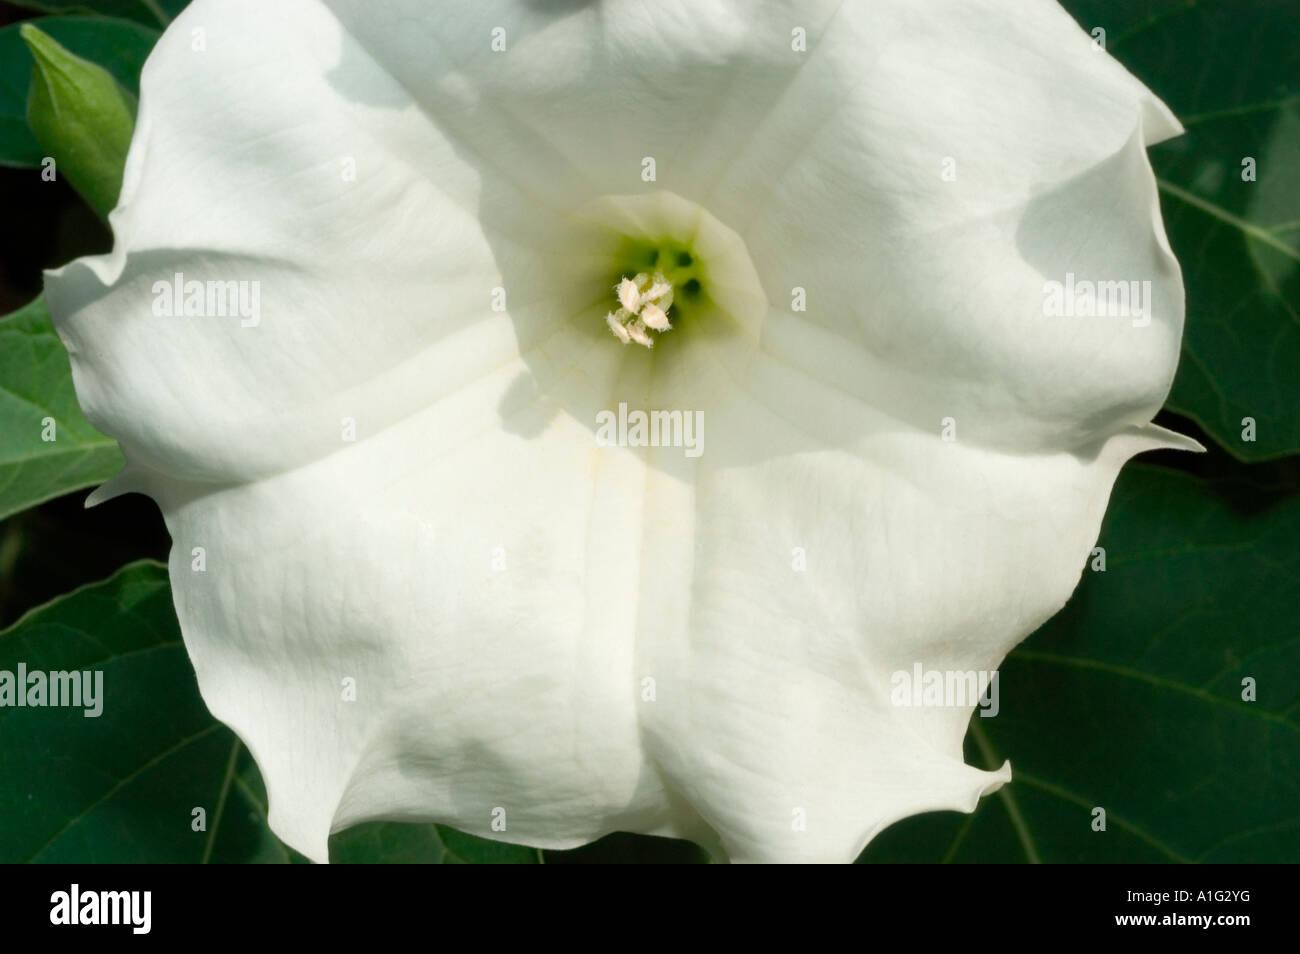 White flower close up of datura stramonium stock photo 10249443 alamy white flower close up of datura stramonium mightylinksfo